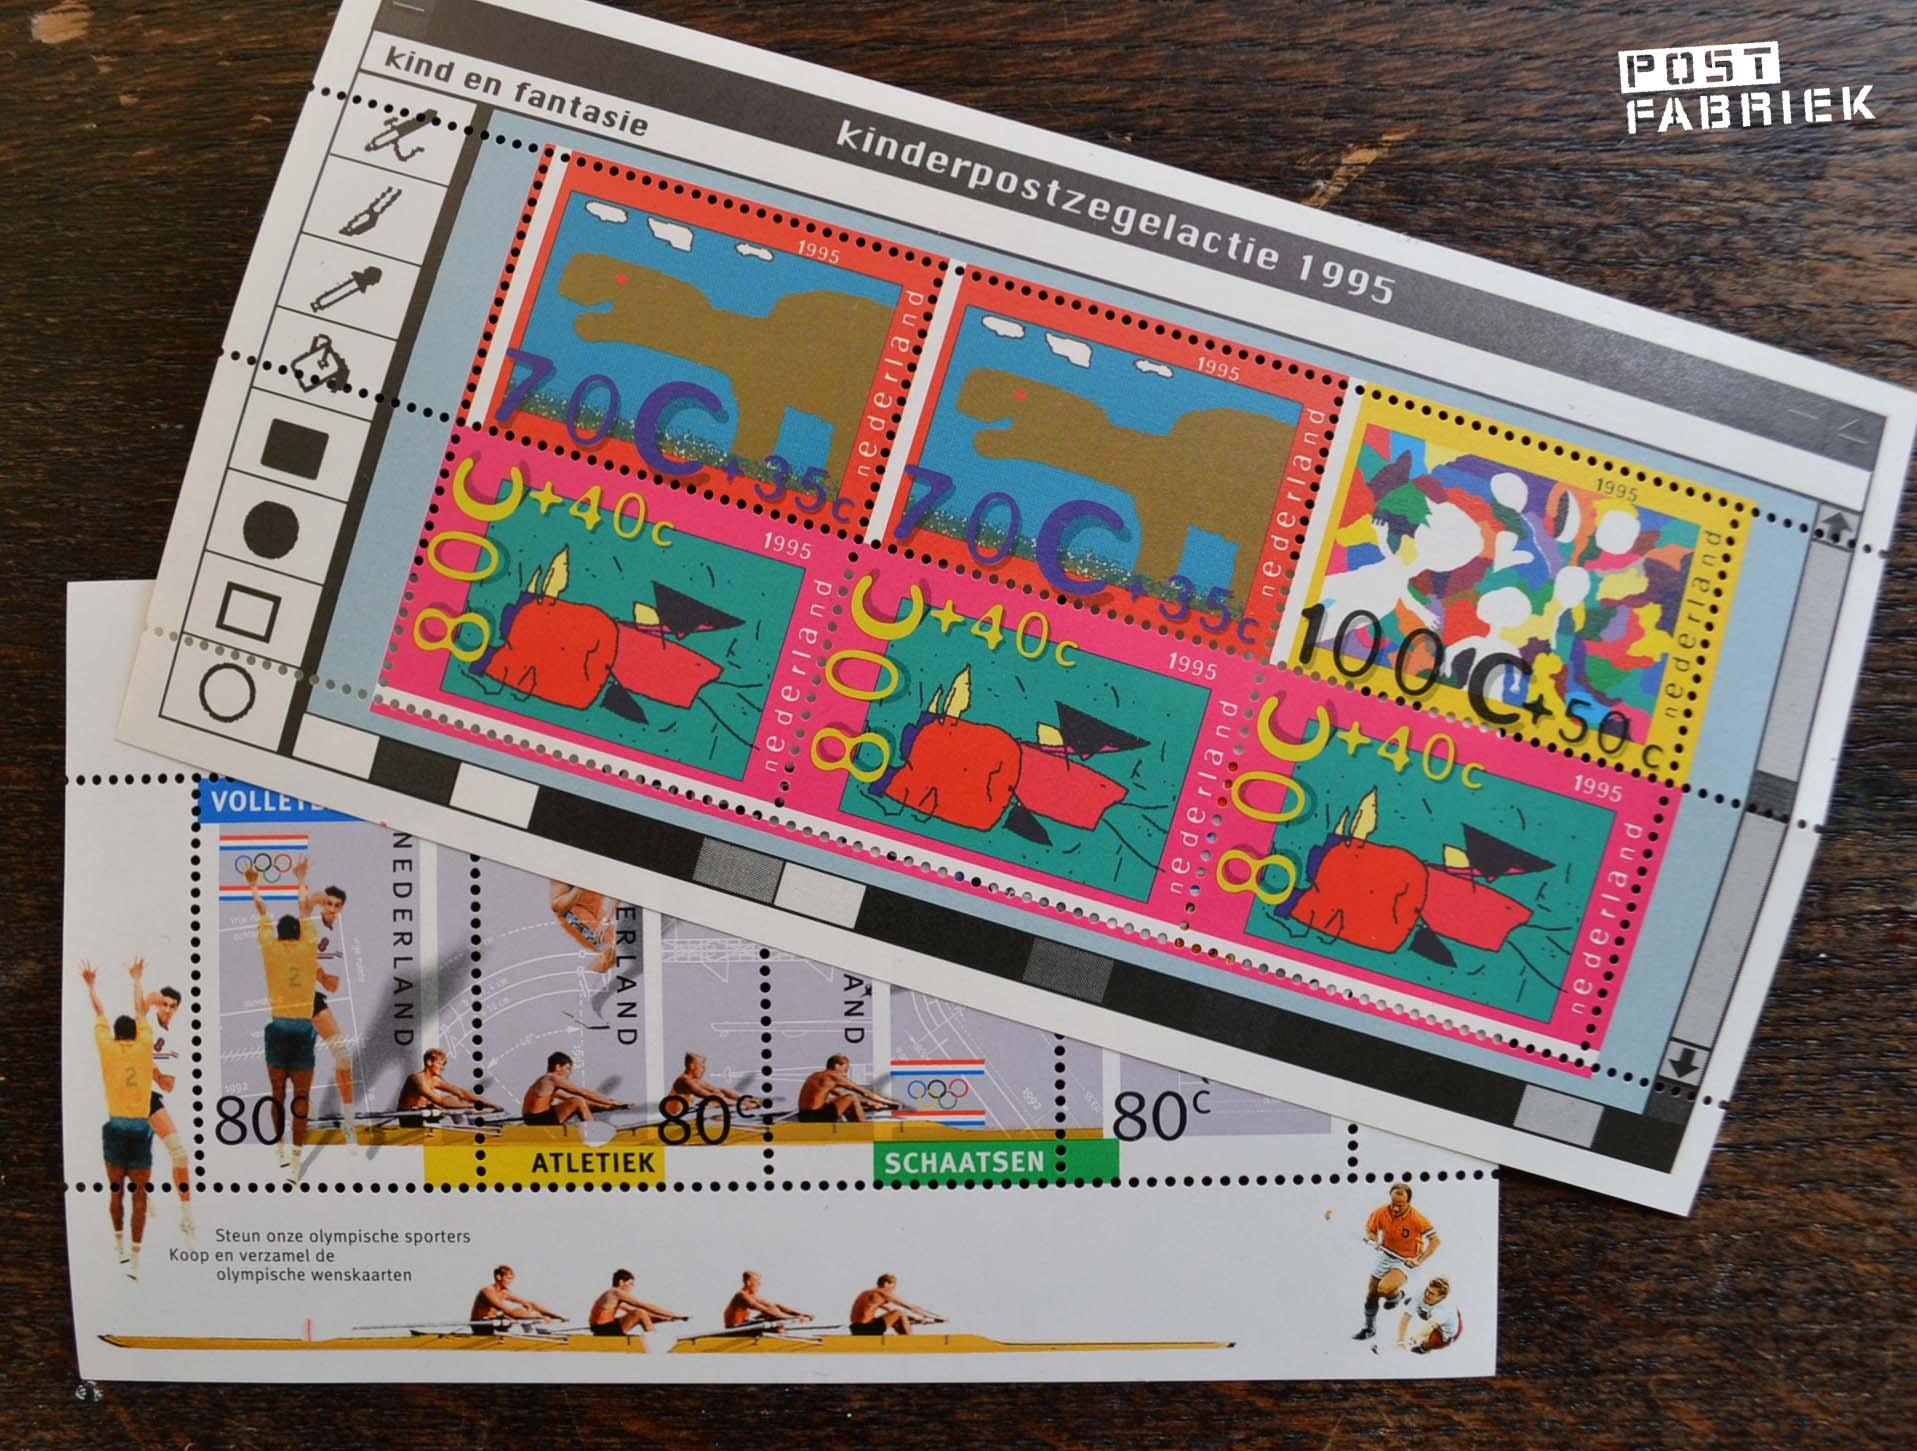 bij elke bestelling krijg je een gratis velletje oude Gulden postzegels.